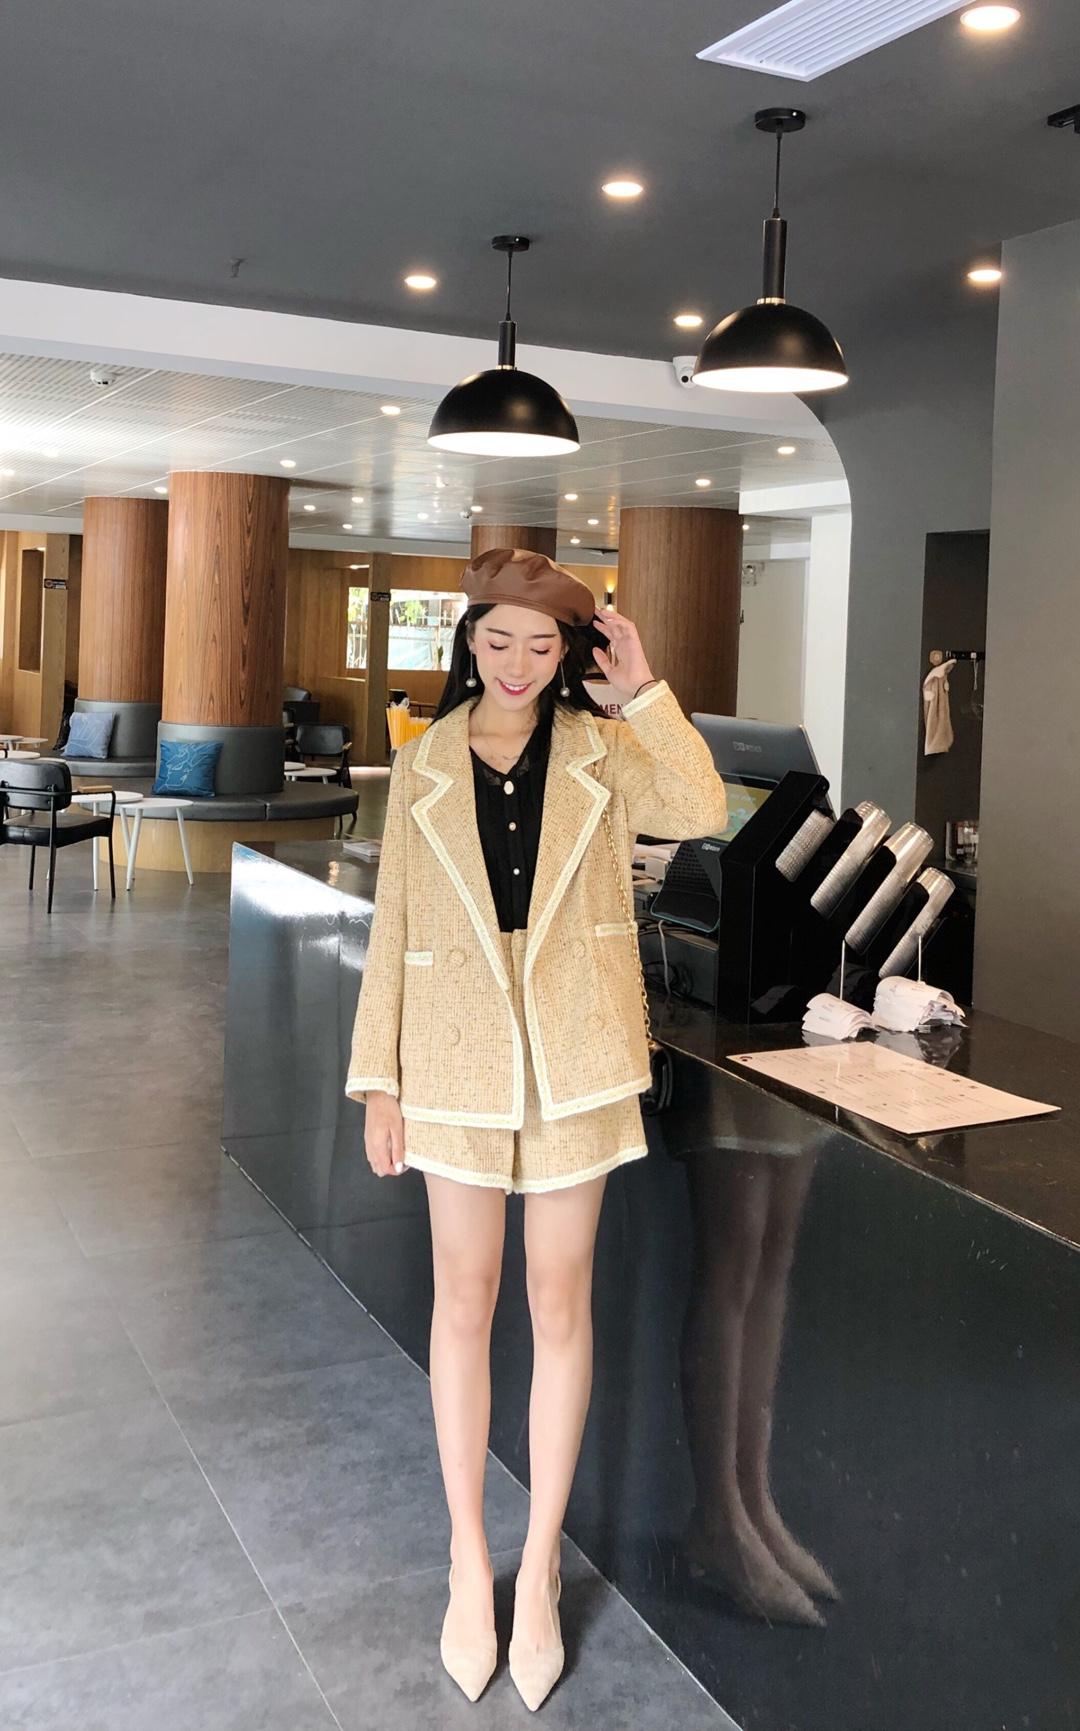 #2019早秋流行,我带你追!#小香风套装又来啦 气质两件套 让你瞬间变成女神姐姐  长腿mm不是梦